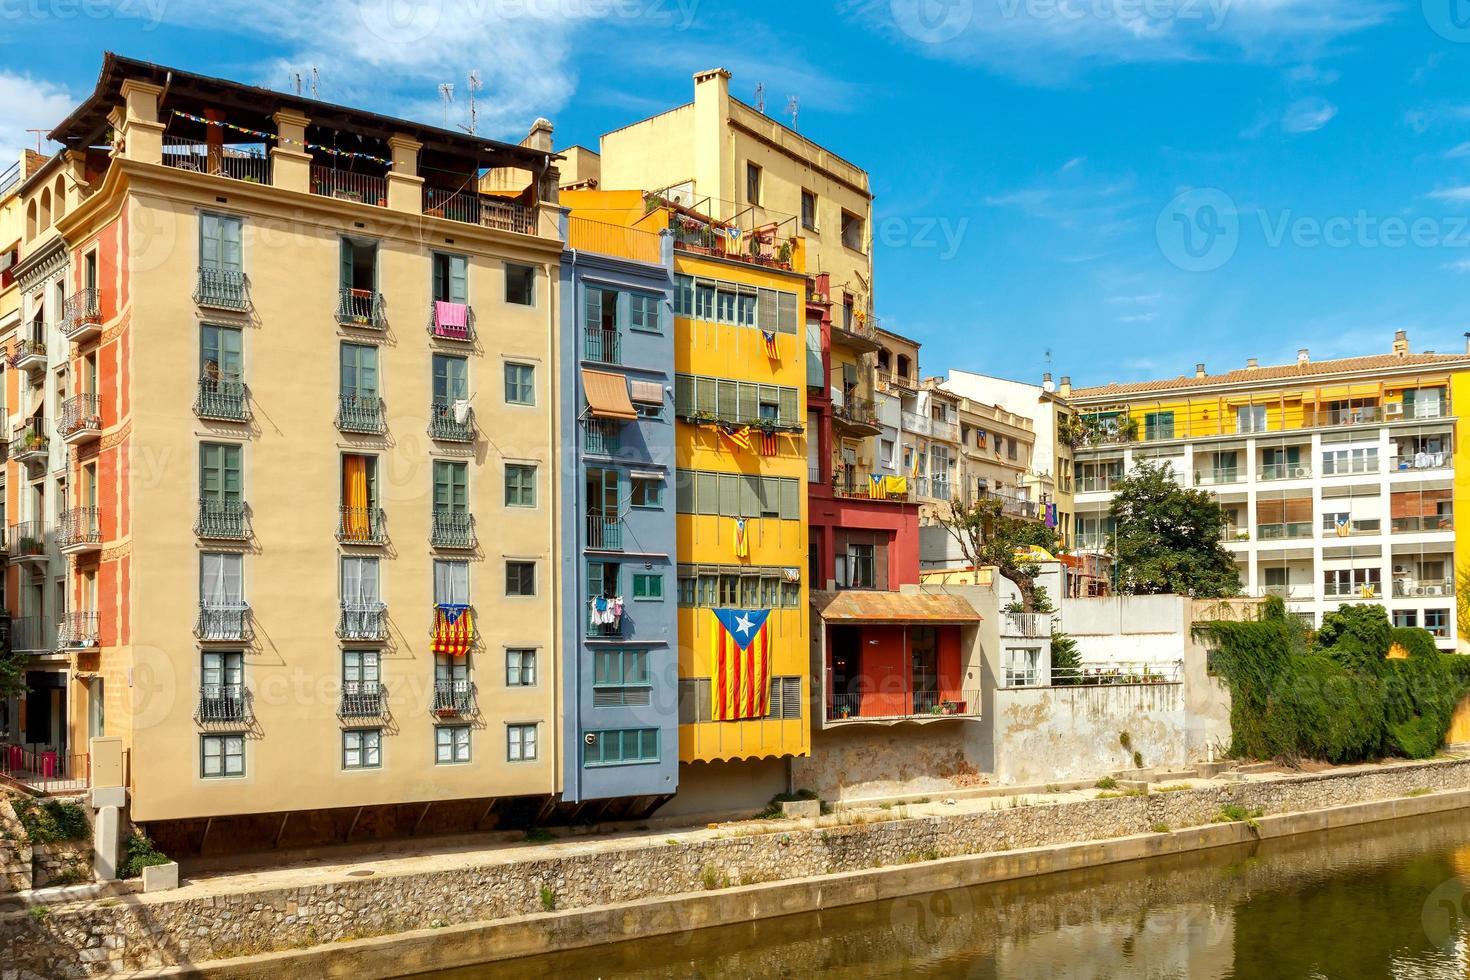 Girona. mehrfarbige Fassaden von Häusern am Fluss Onyar foto